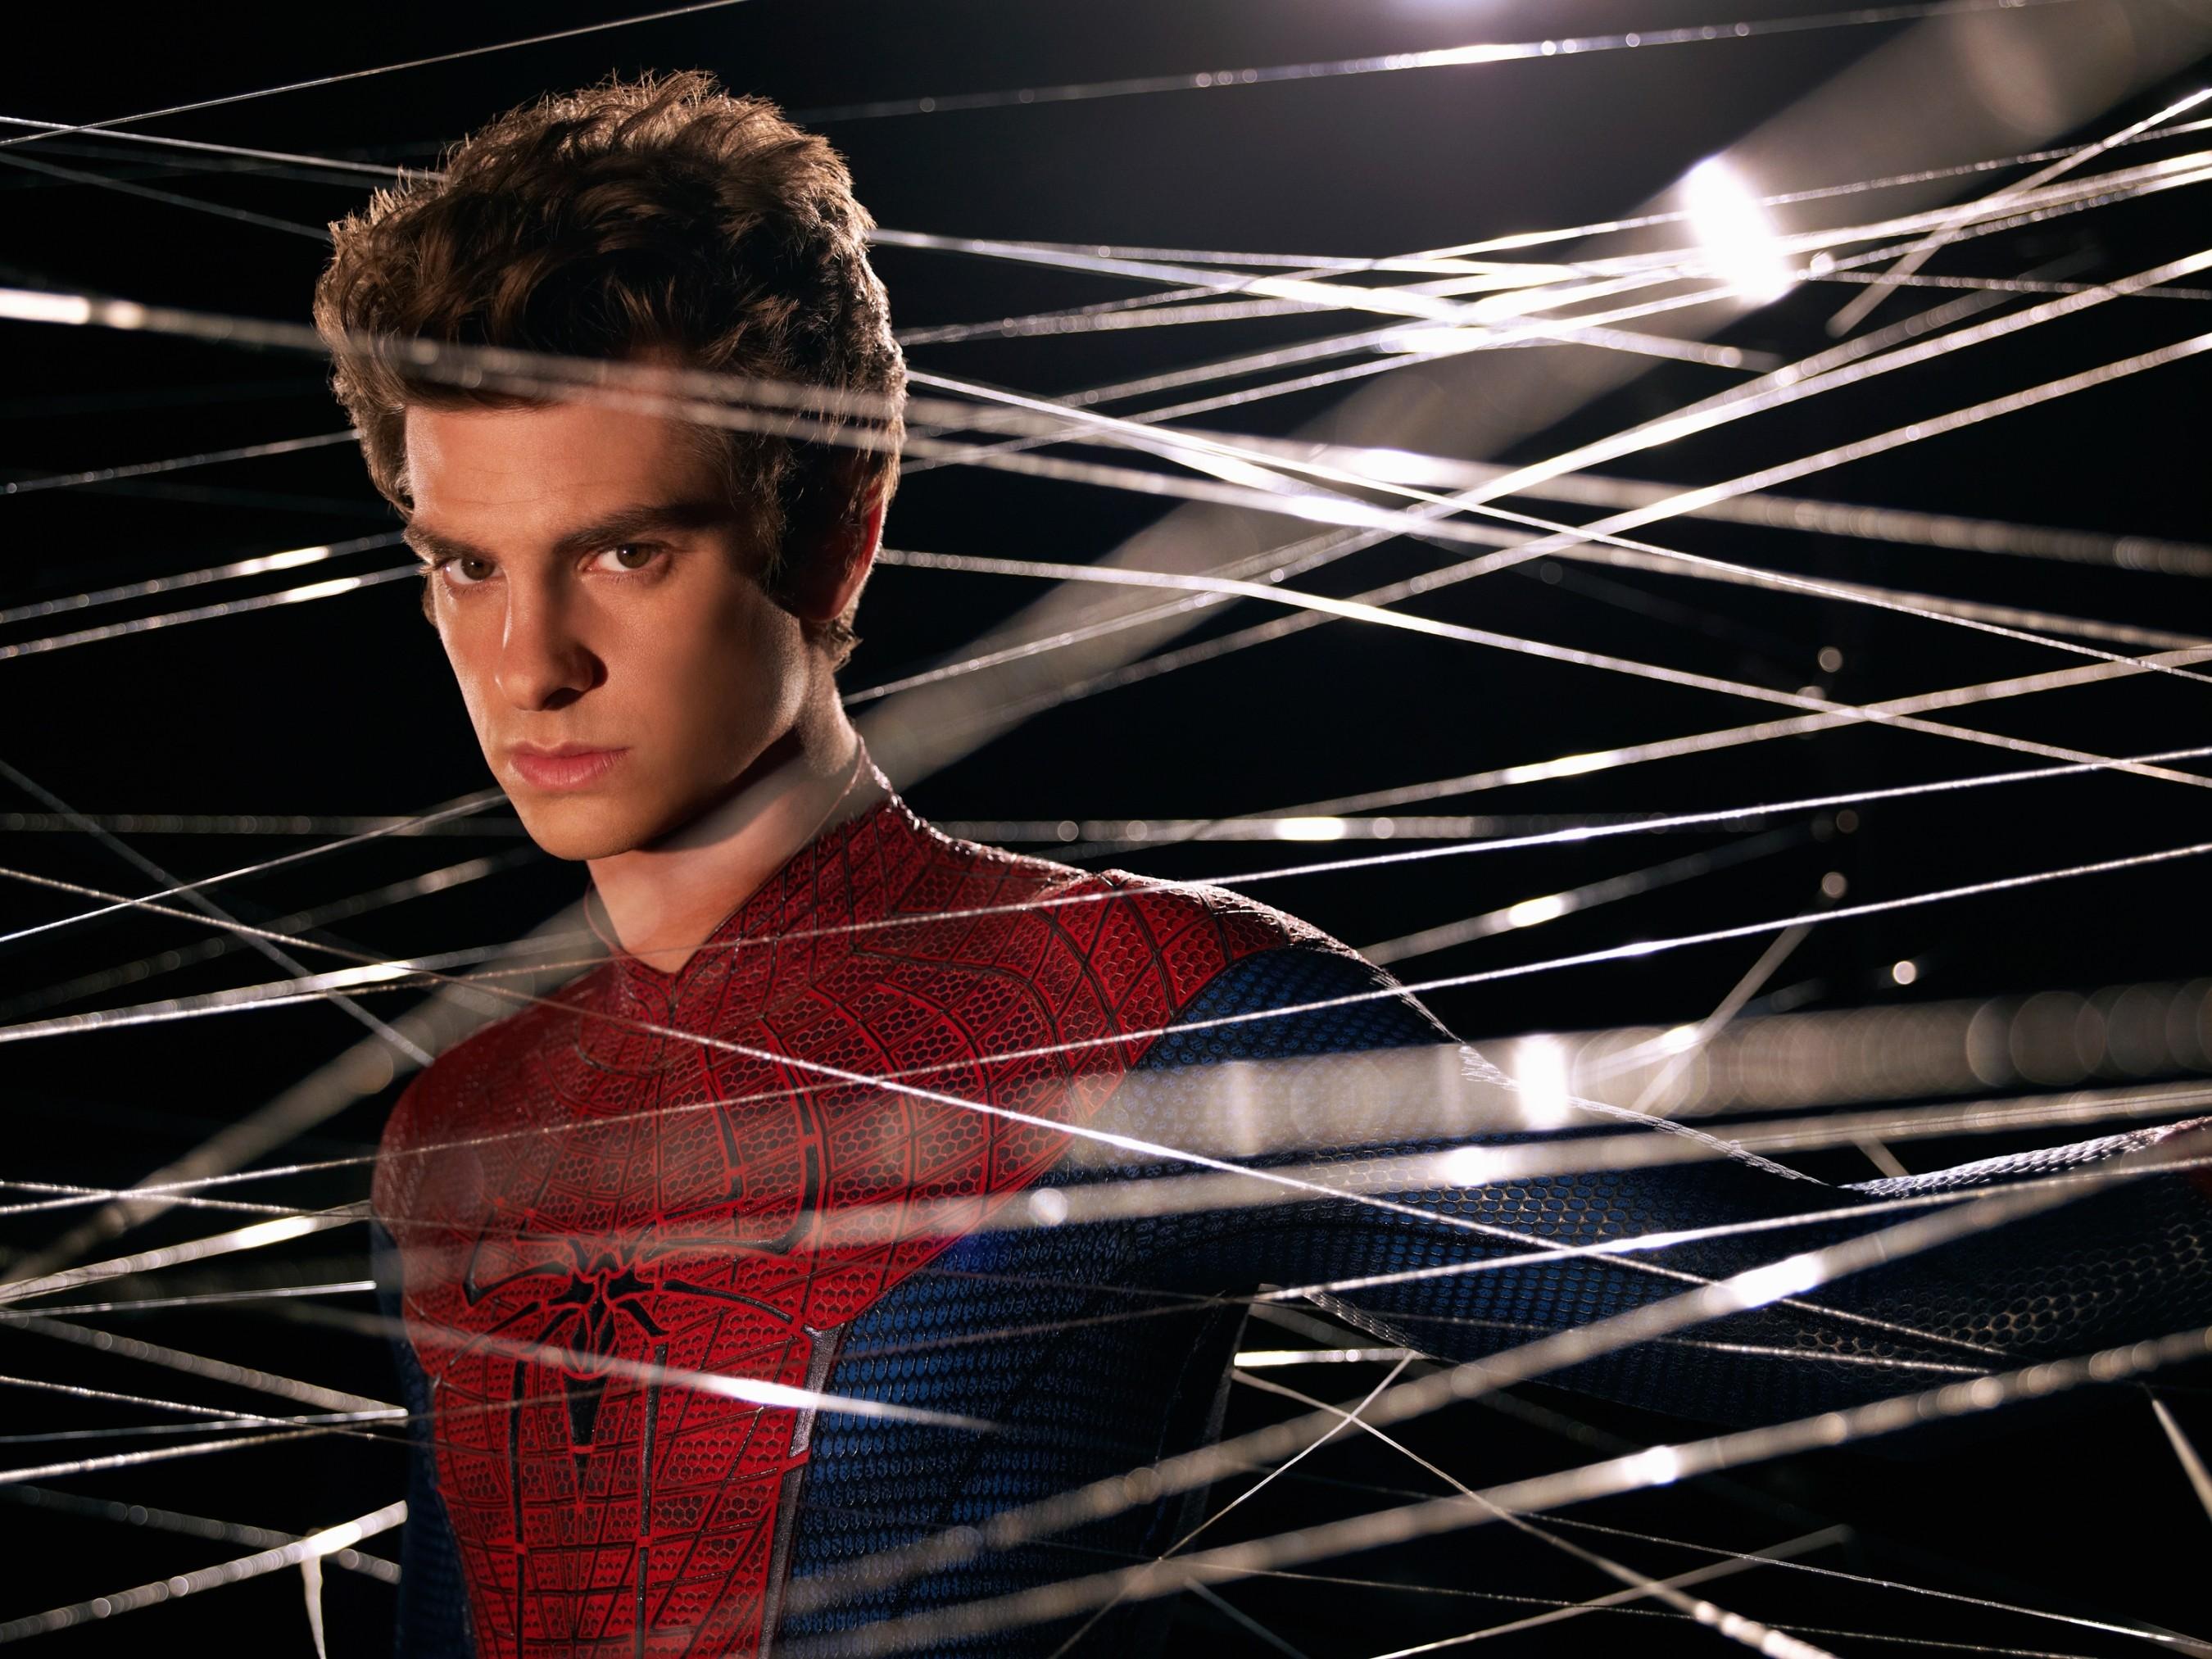 промо-слайды Новый Человек-паук Эндрю Гарфилд,